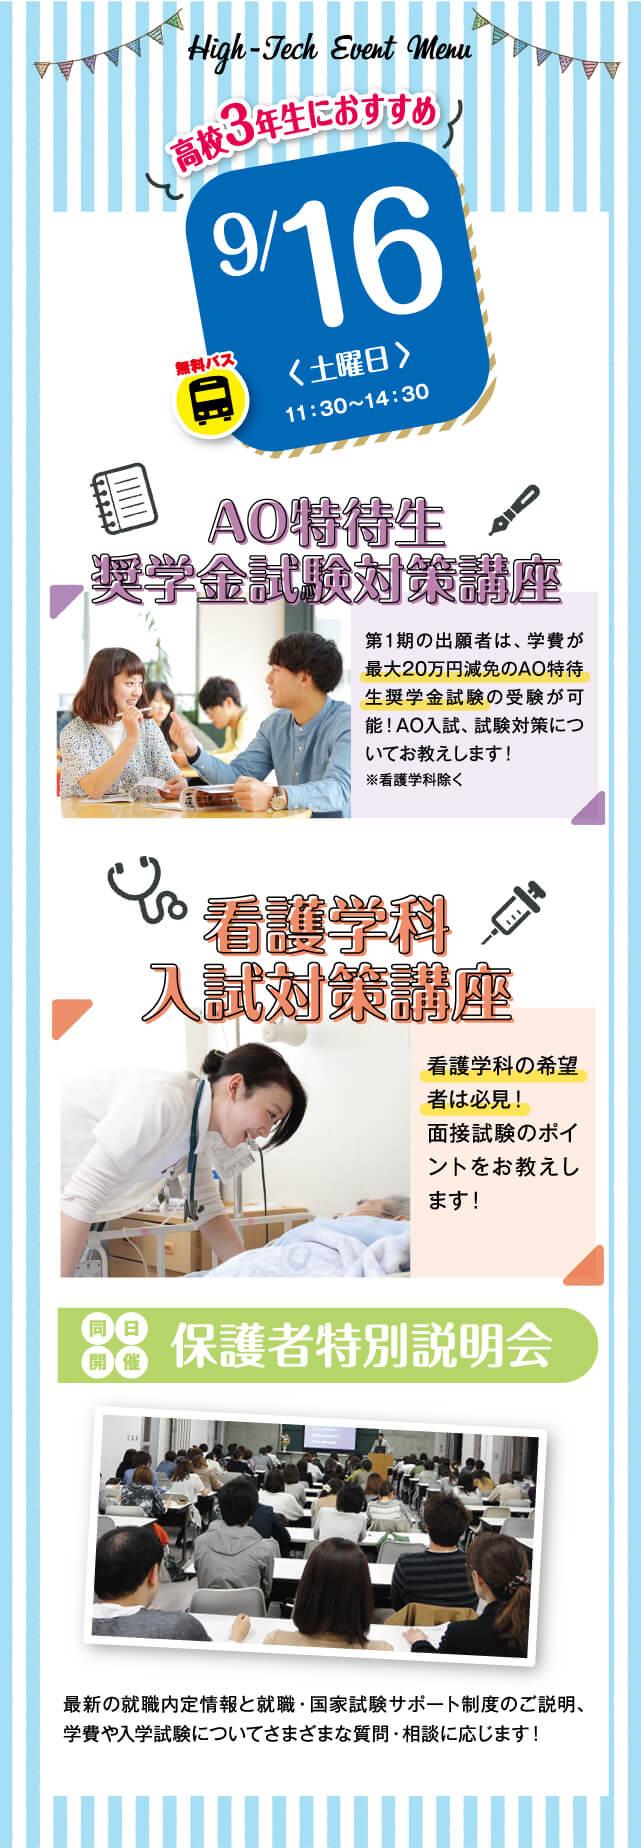 201709_お知らせ-14